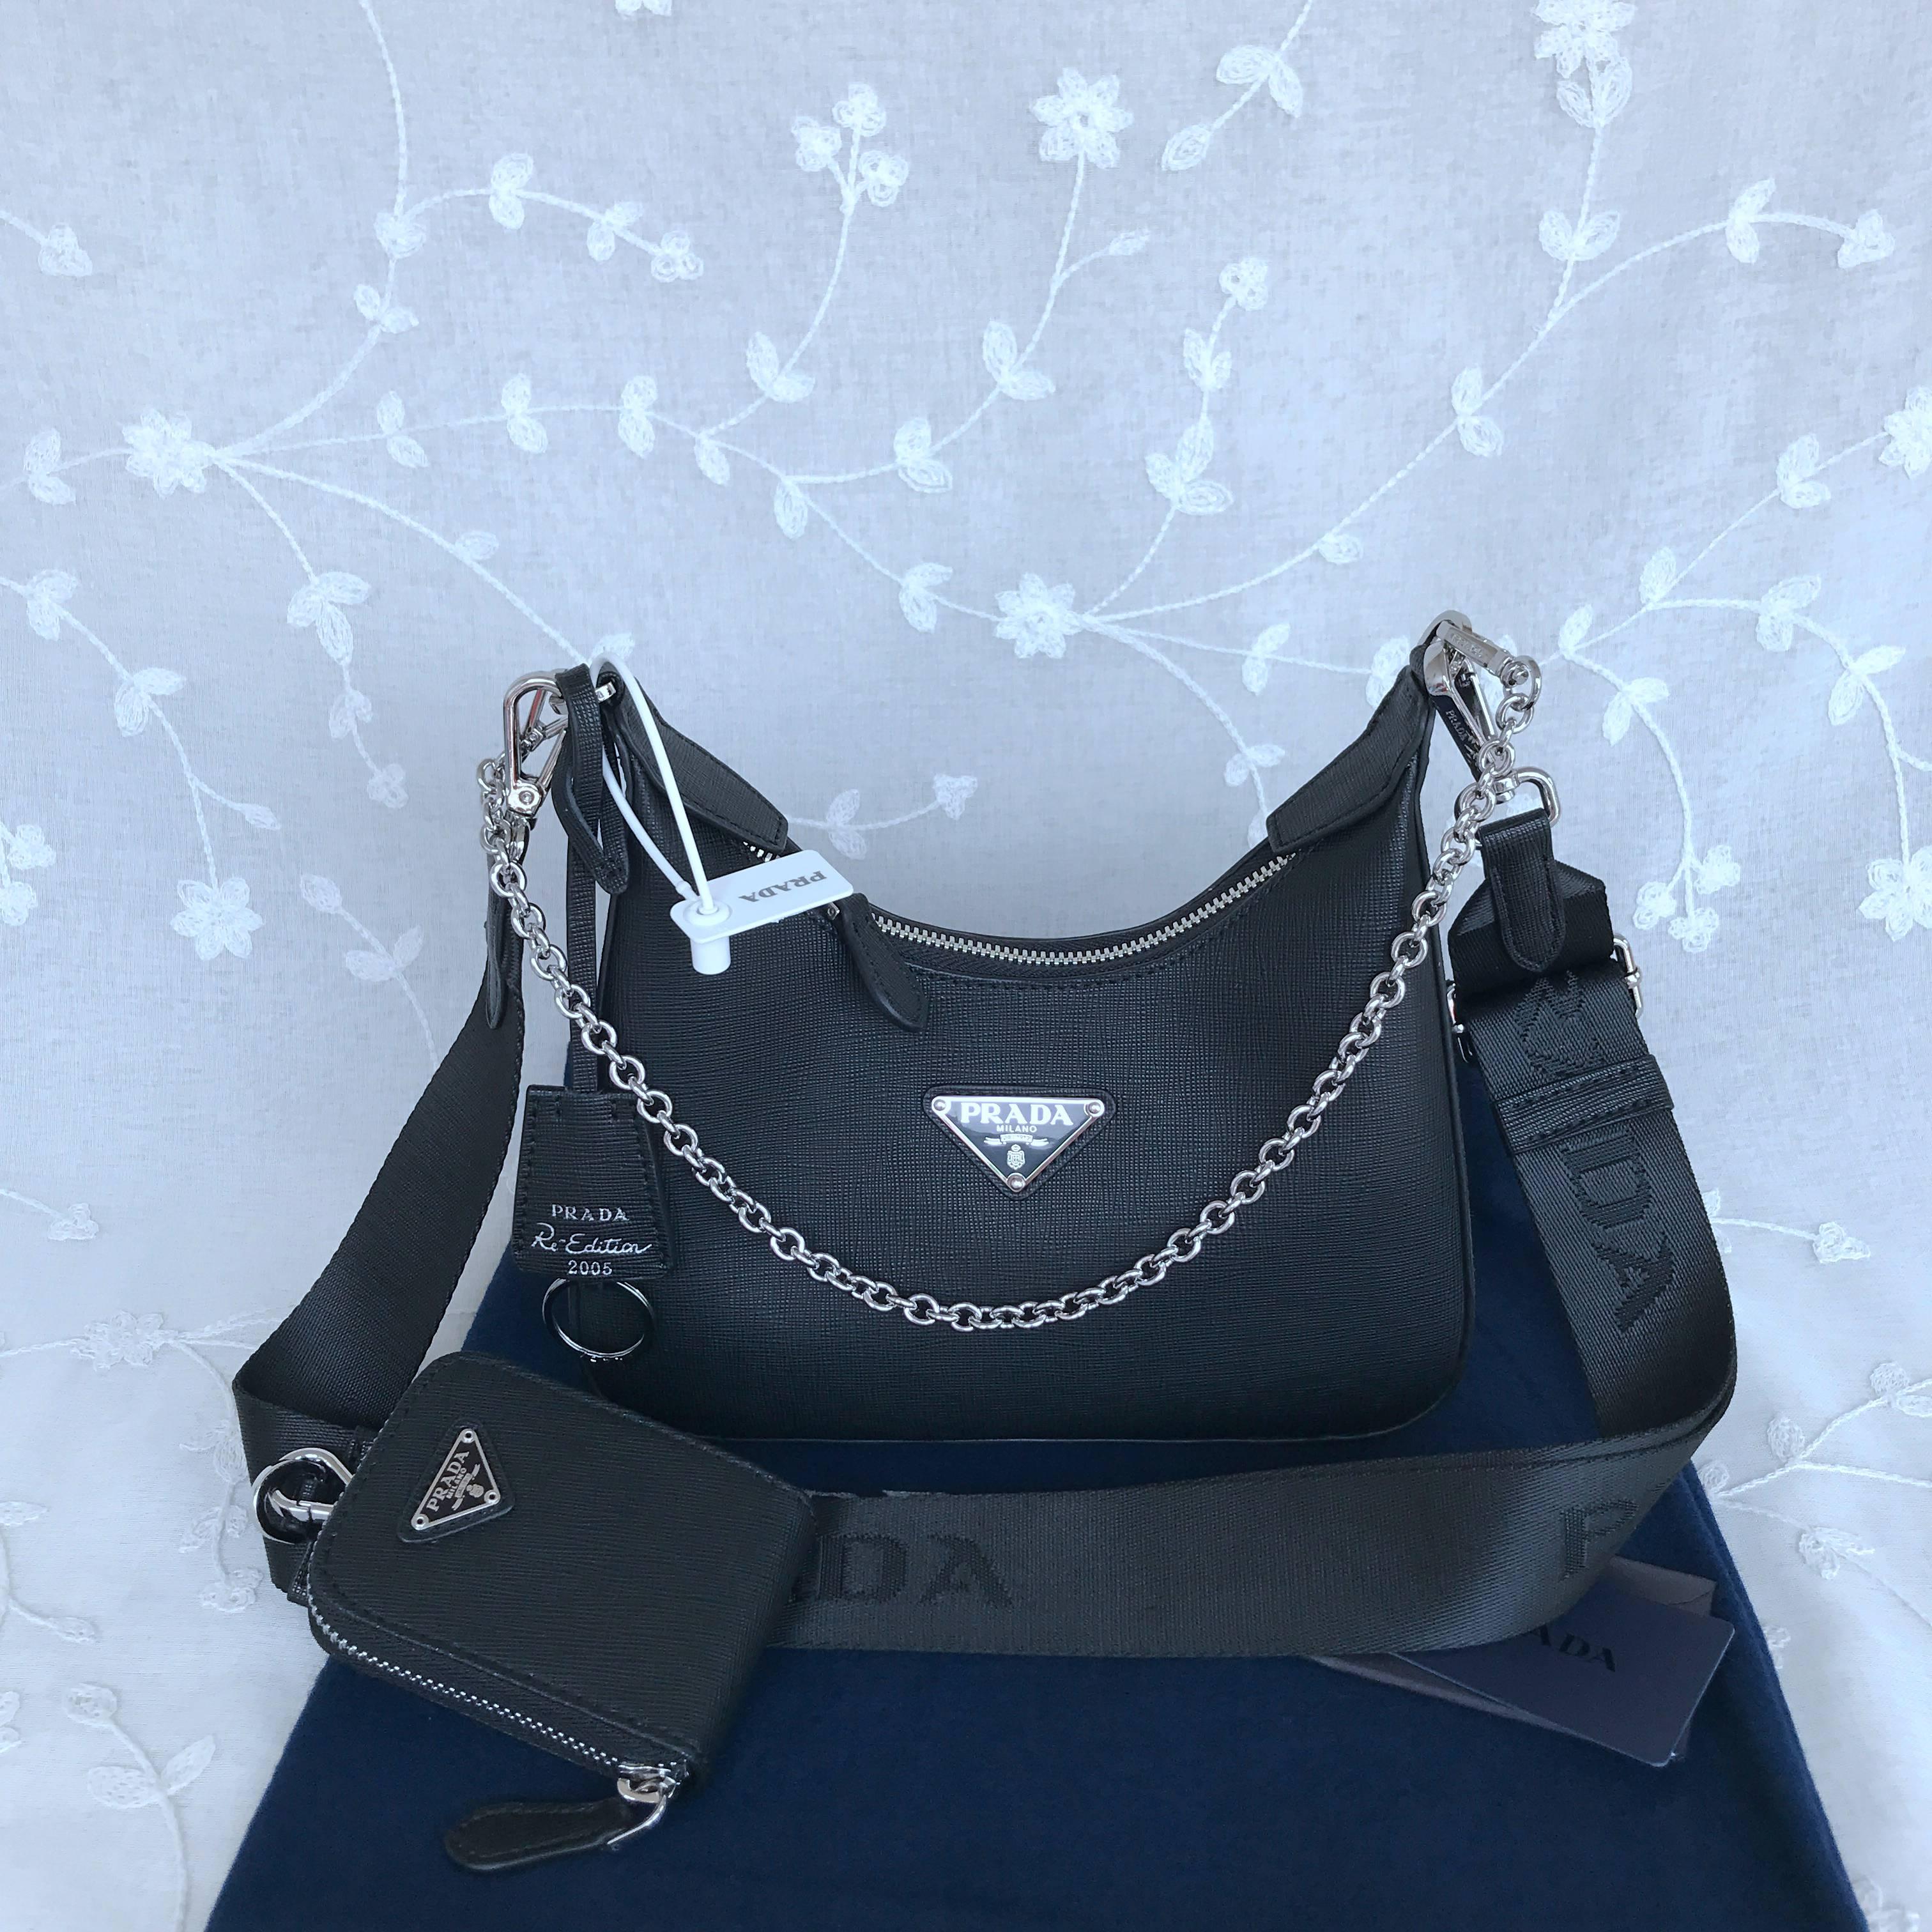 Prada Re-Edition 2005 Saffiano leather bag